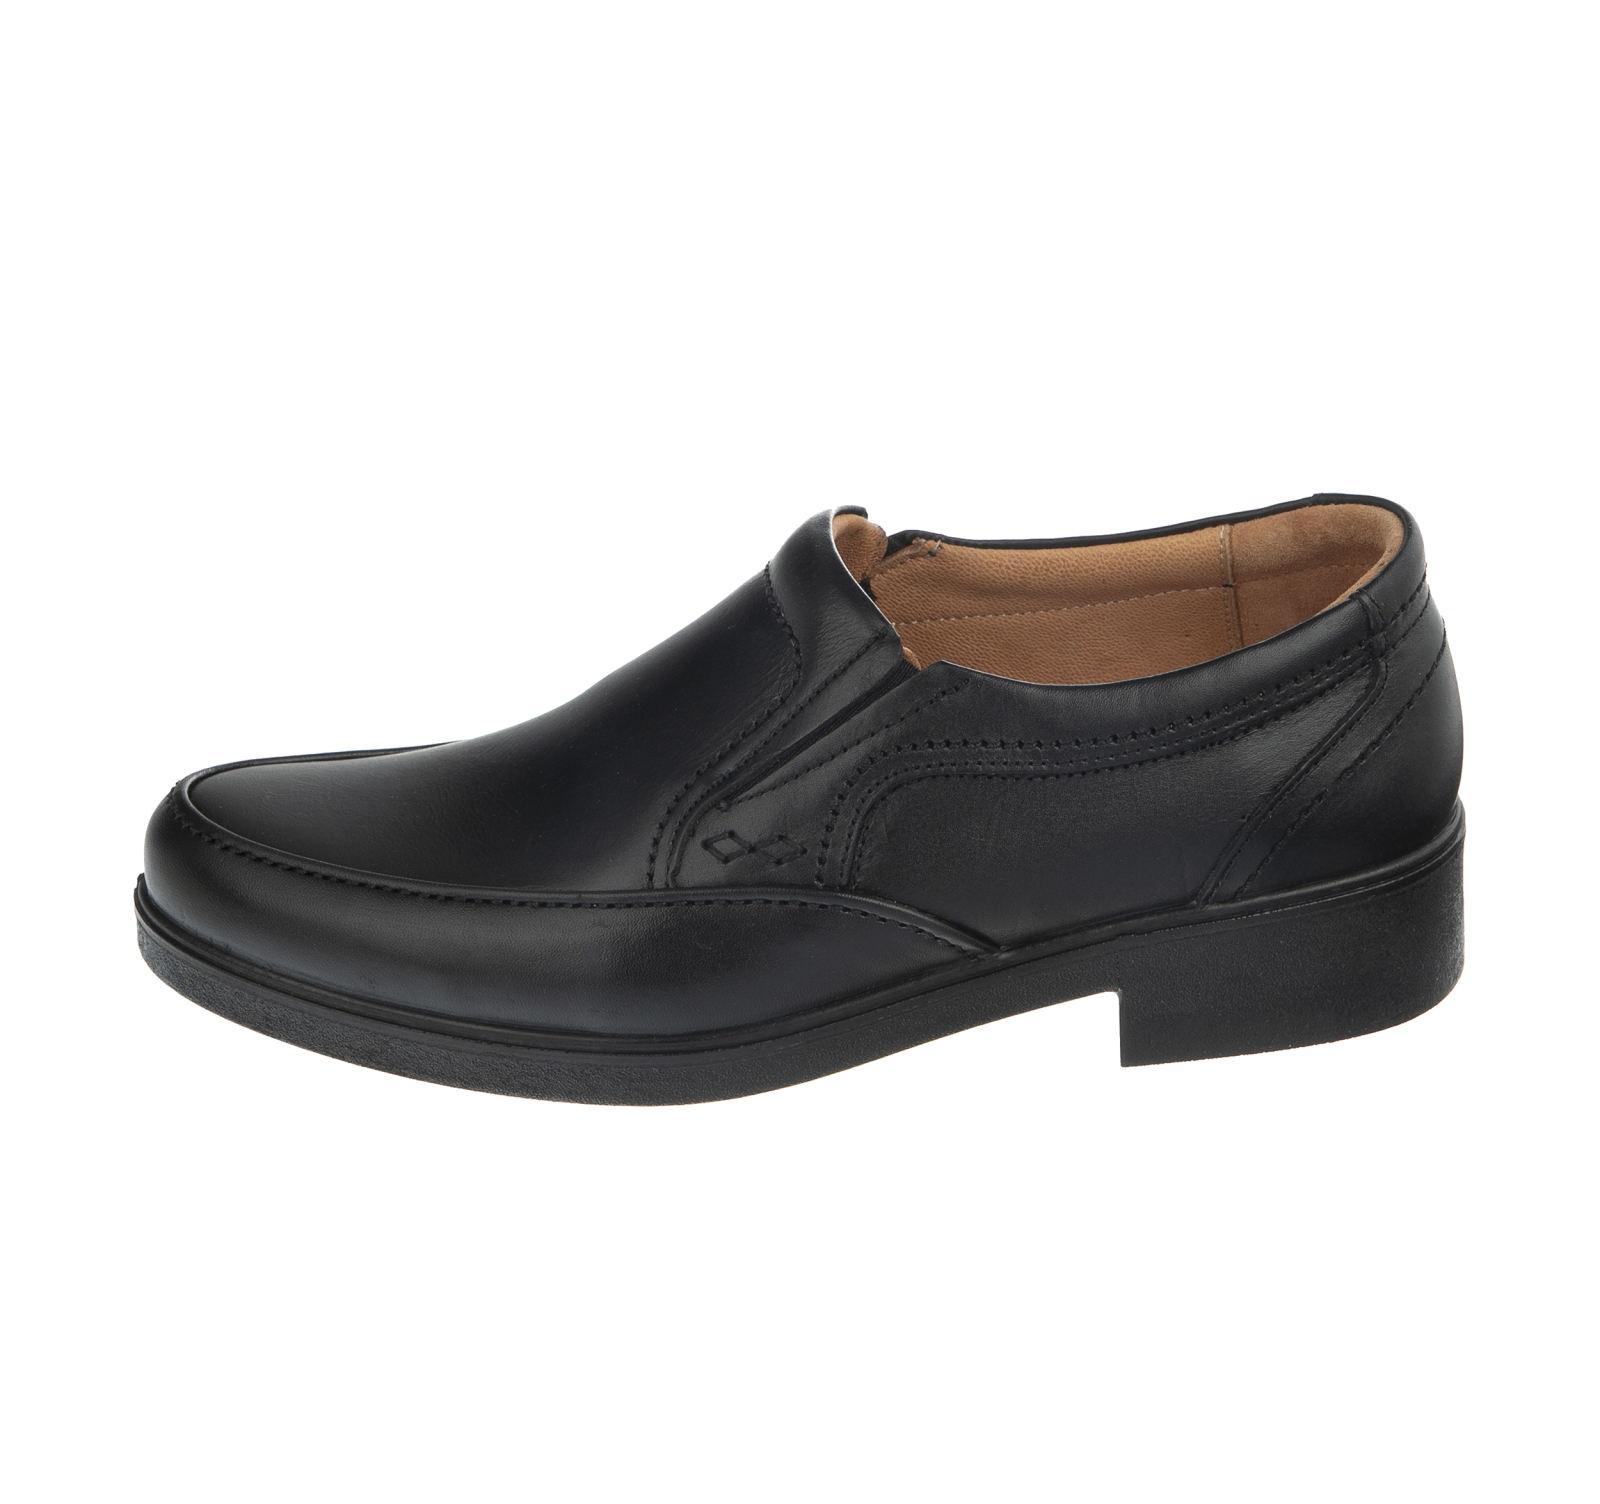 کفش مردانه مجلسی مدل T10 مشکی آذر پلاس